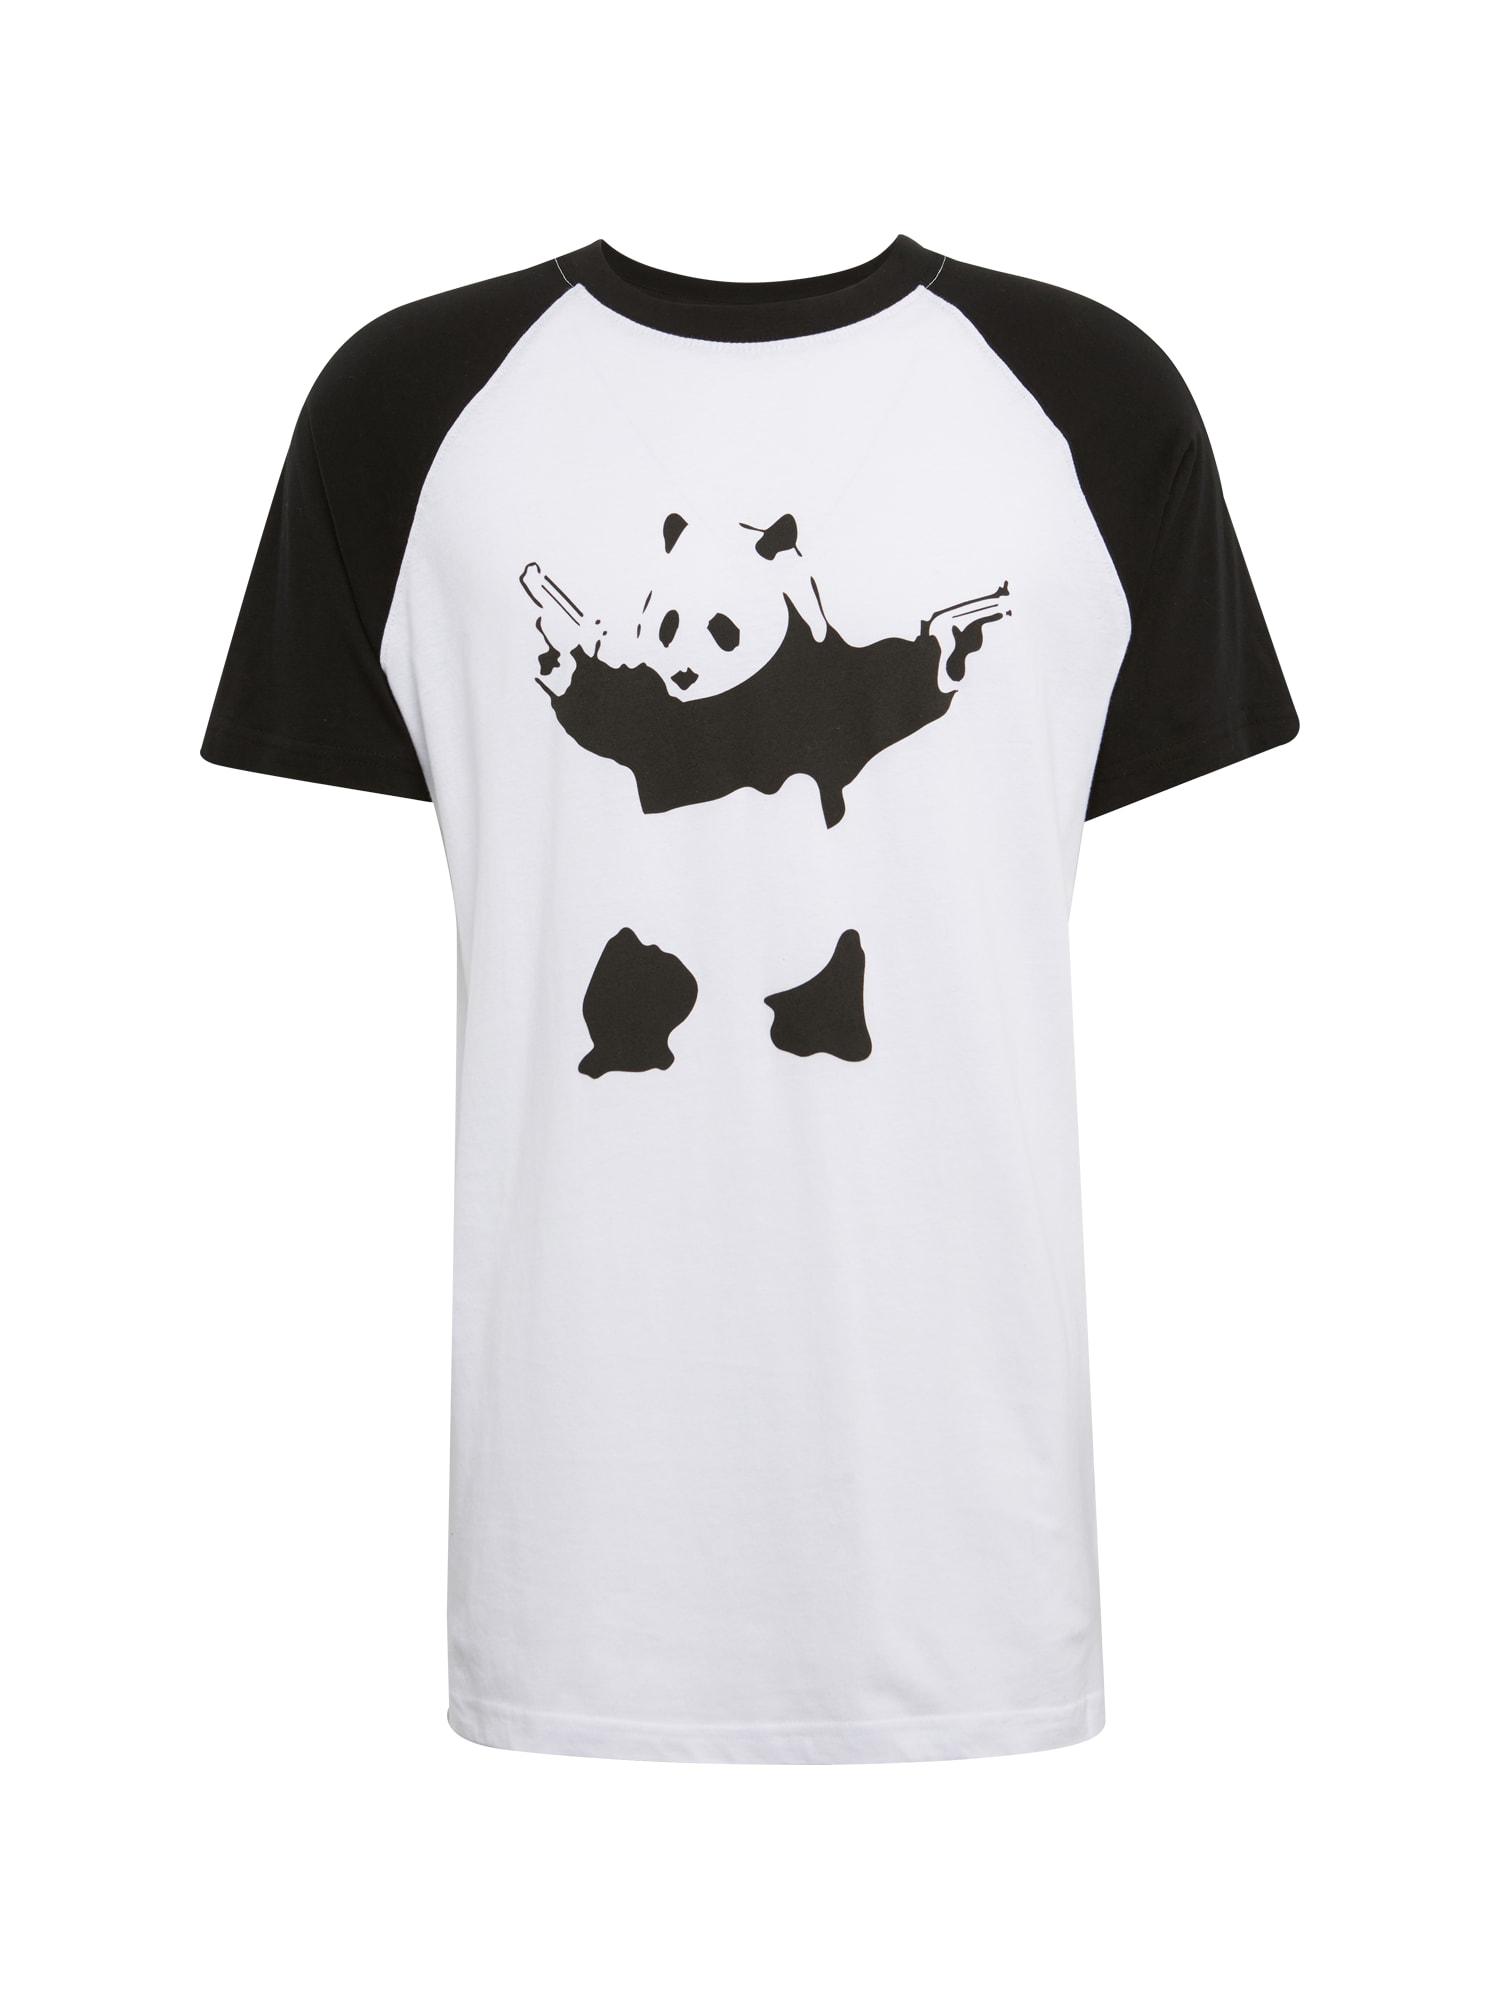 Tričko Banksy Panda černá bílá Mister Tee